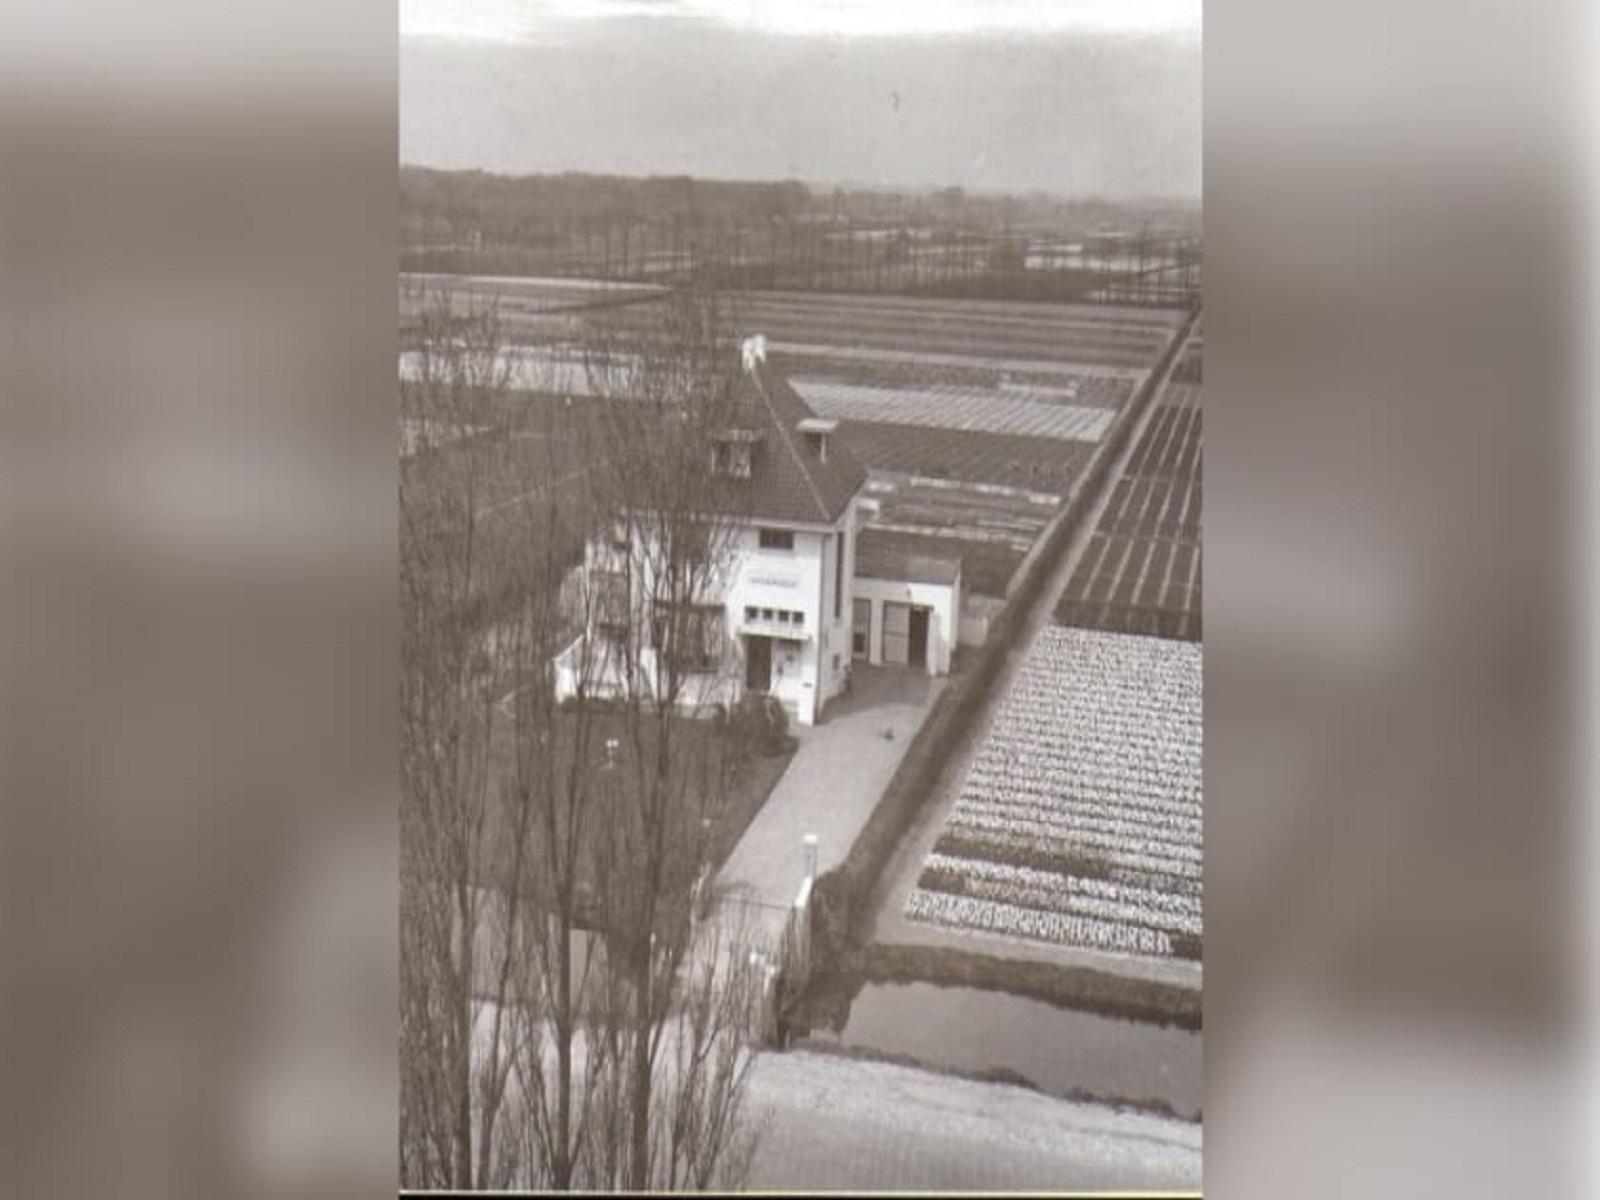 subsidie-aanplanten-hagen-duin-en-bollenstreek-greenport